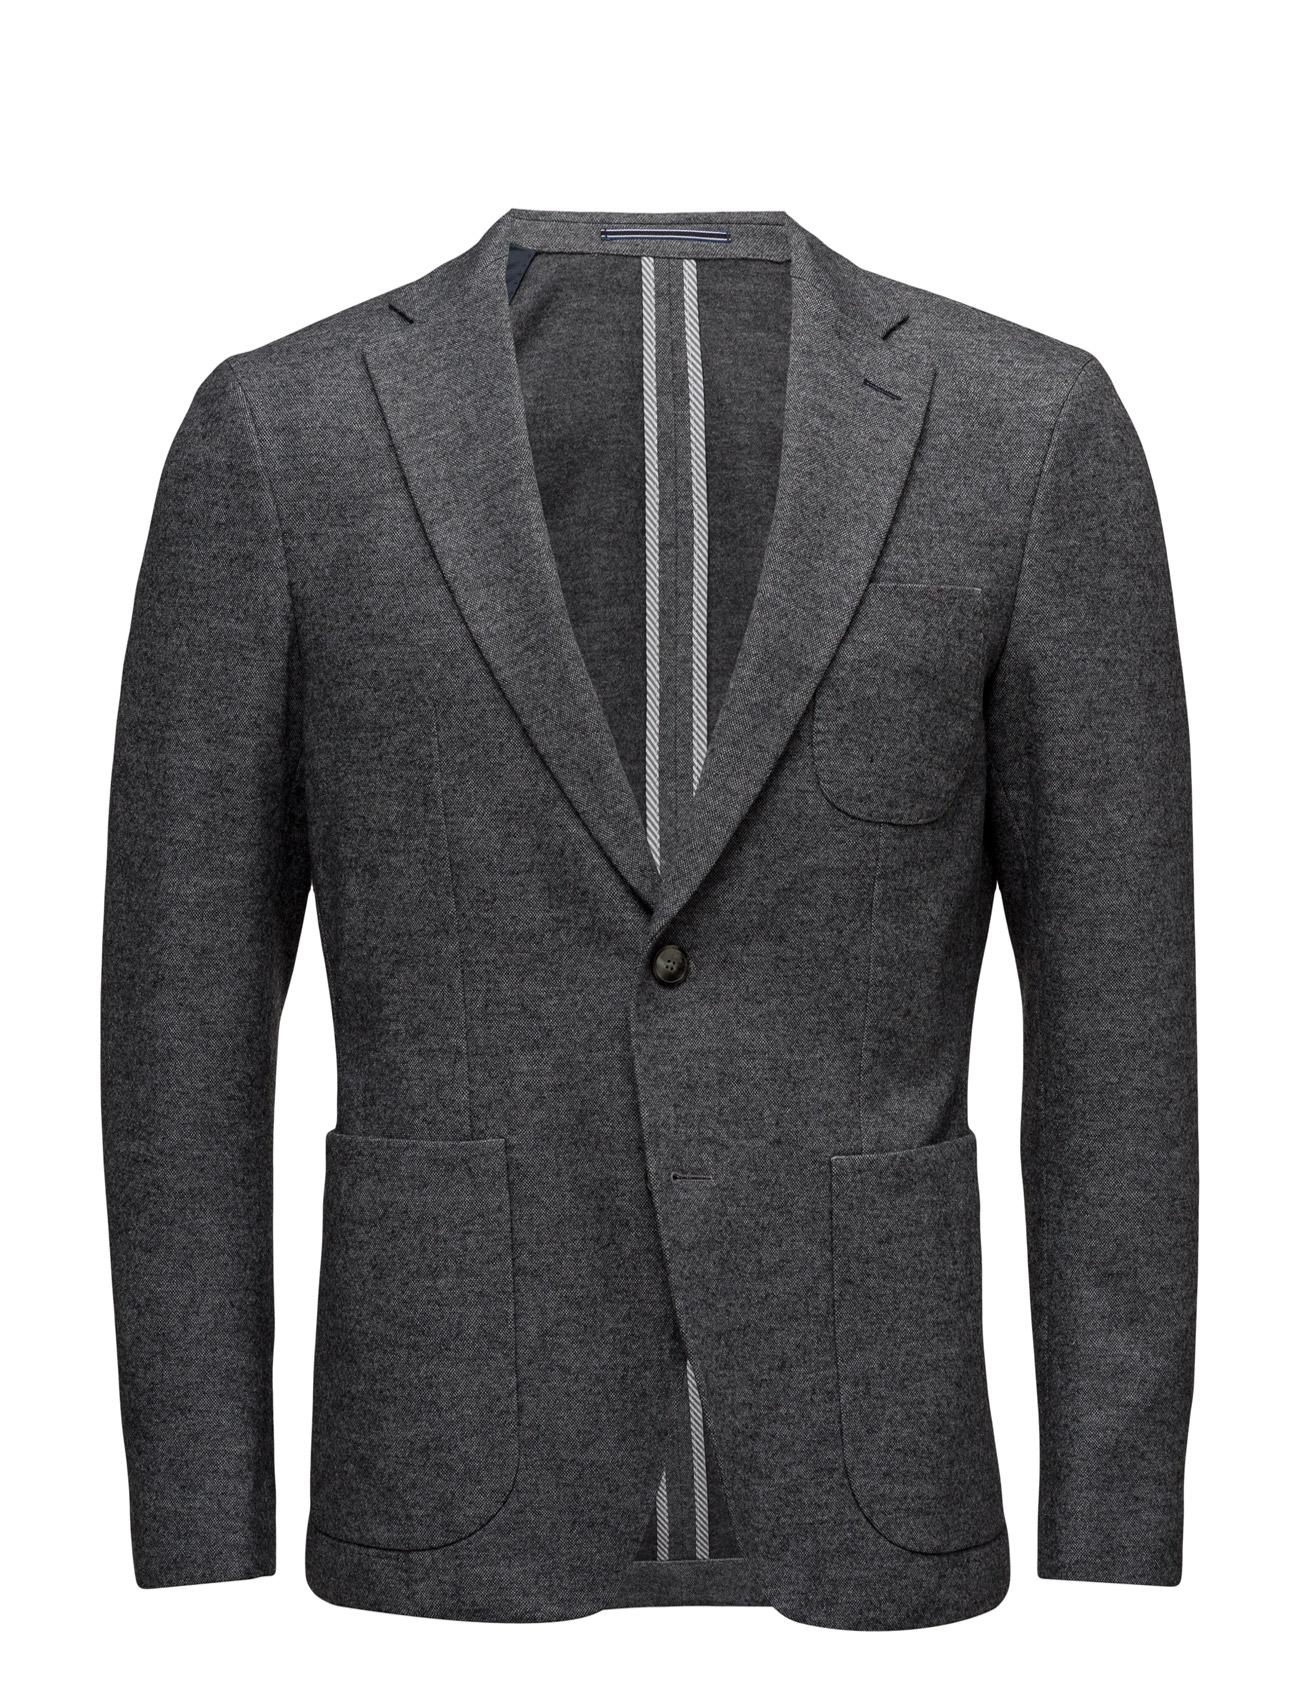 Blk-3pp Blzfks16430 Tommy Hilfiger Tailored Blazere til Mænd i Grå